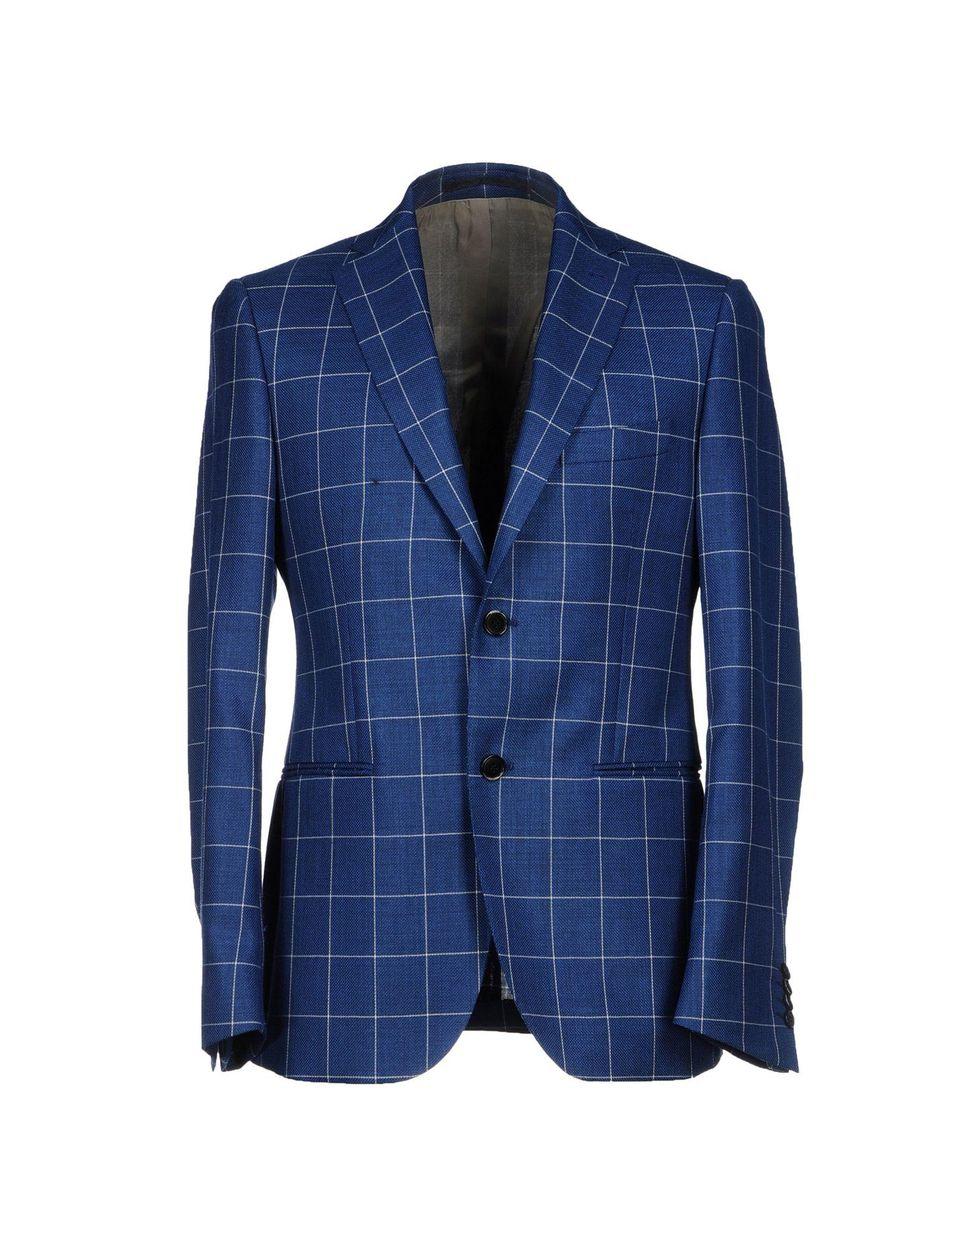 En stil som inte kostar skjortan - Del II - Kostymer och kavajer 91c79fd26baef